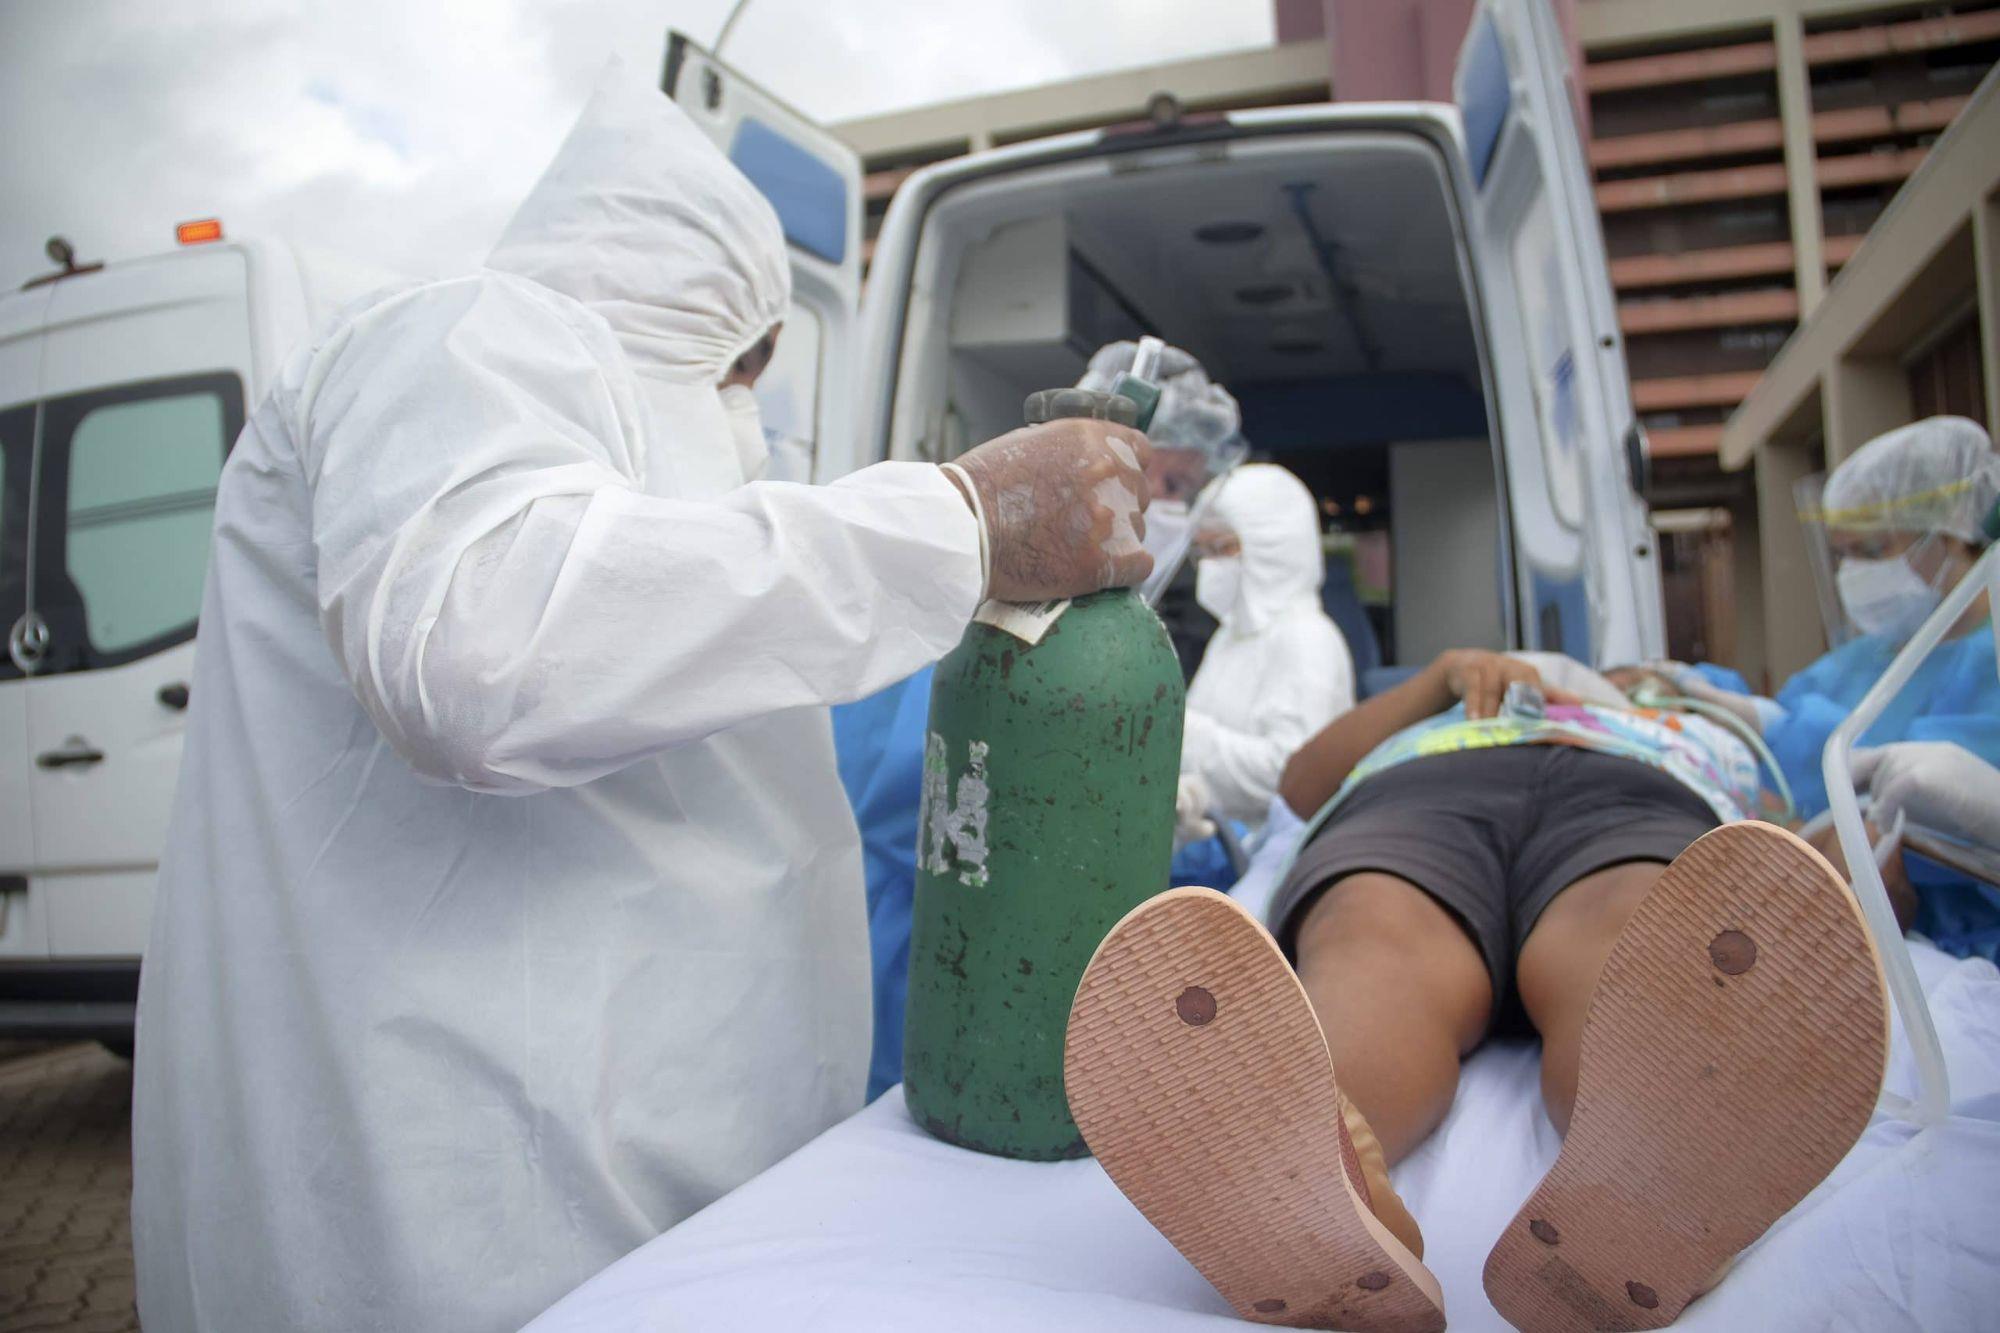 paciente, covid, tranferencia, Pedro Guerreiro / Ag. Pará - fotos públicas